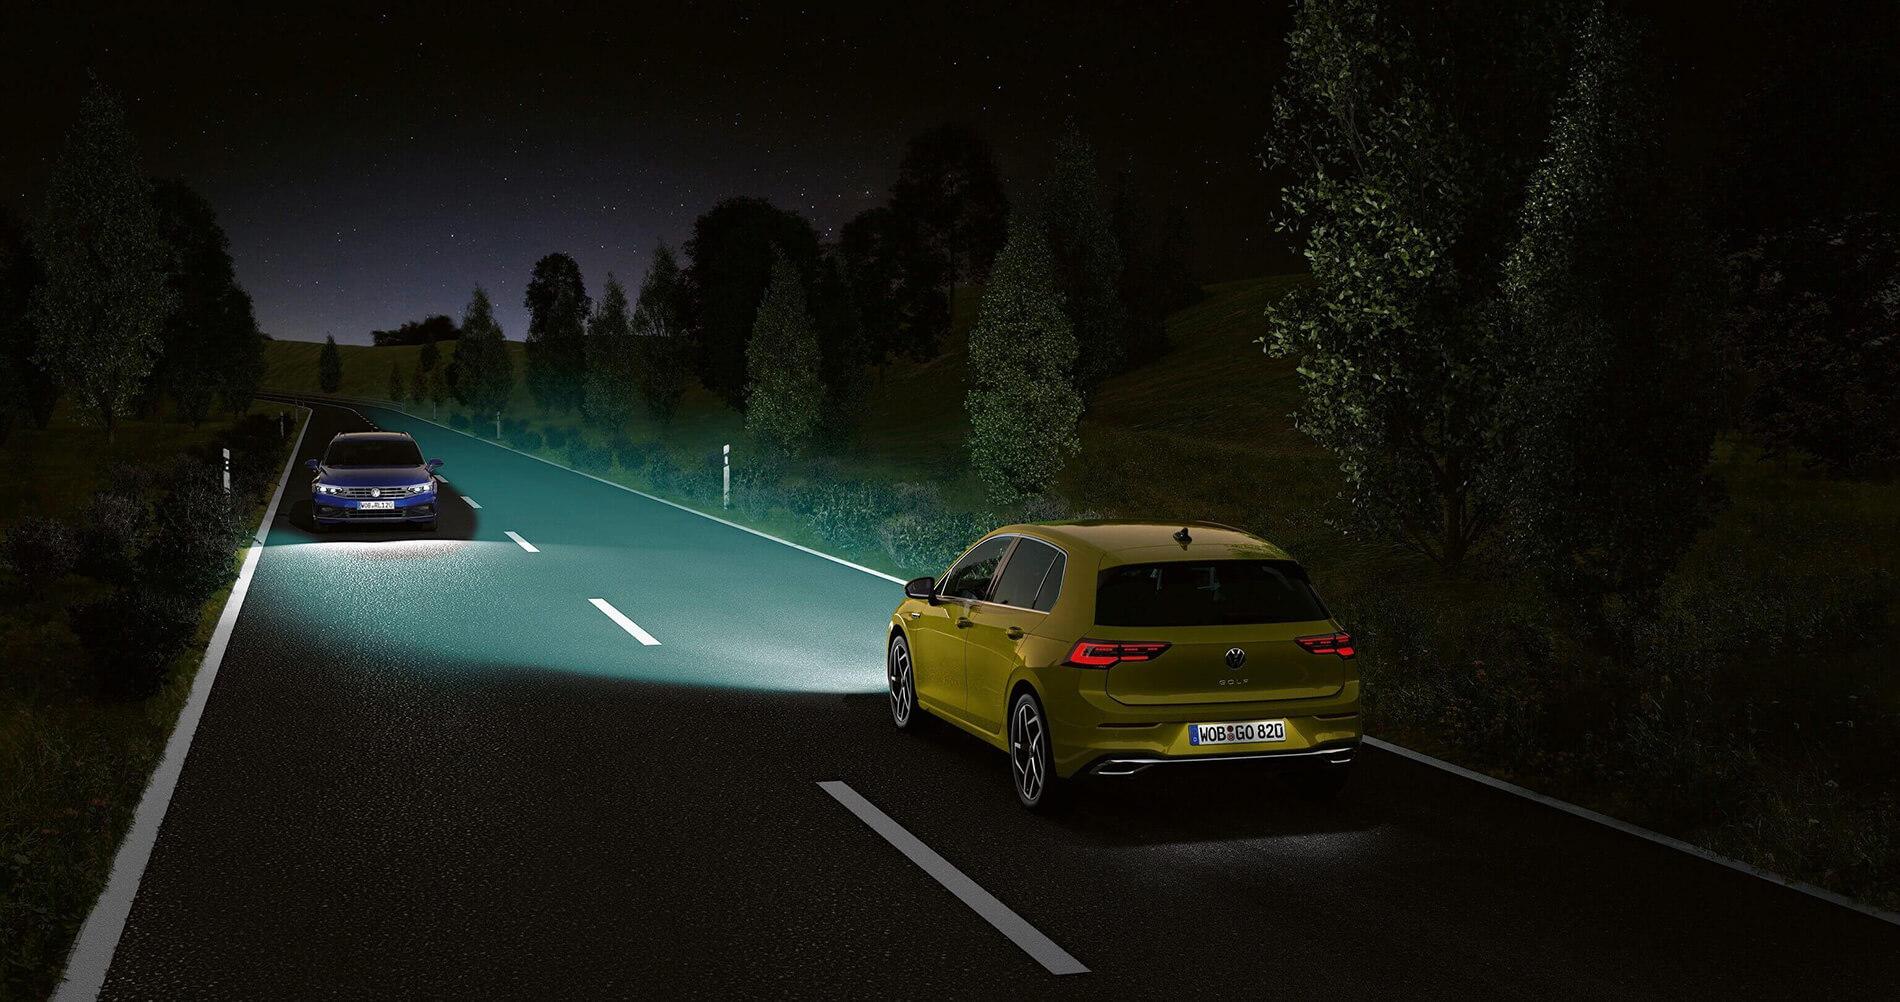 Λειτουργία Dynamic Light Assist στο νέο Volkswagen Golf για κορυφαία ορατότητα